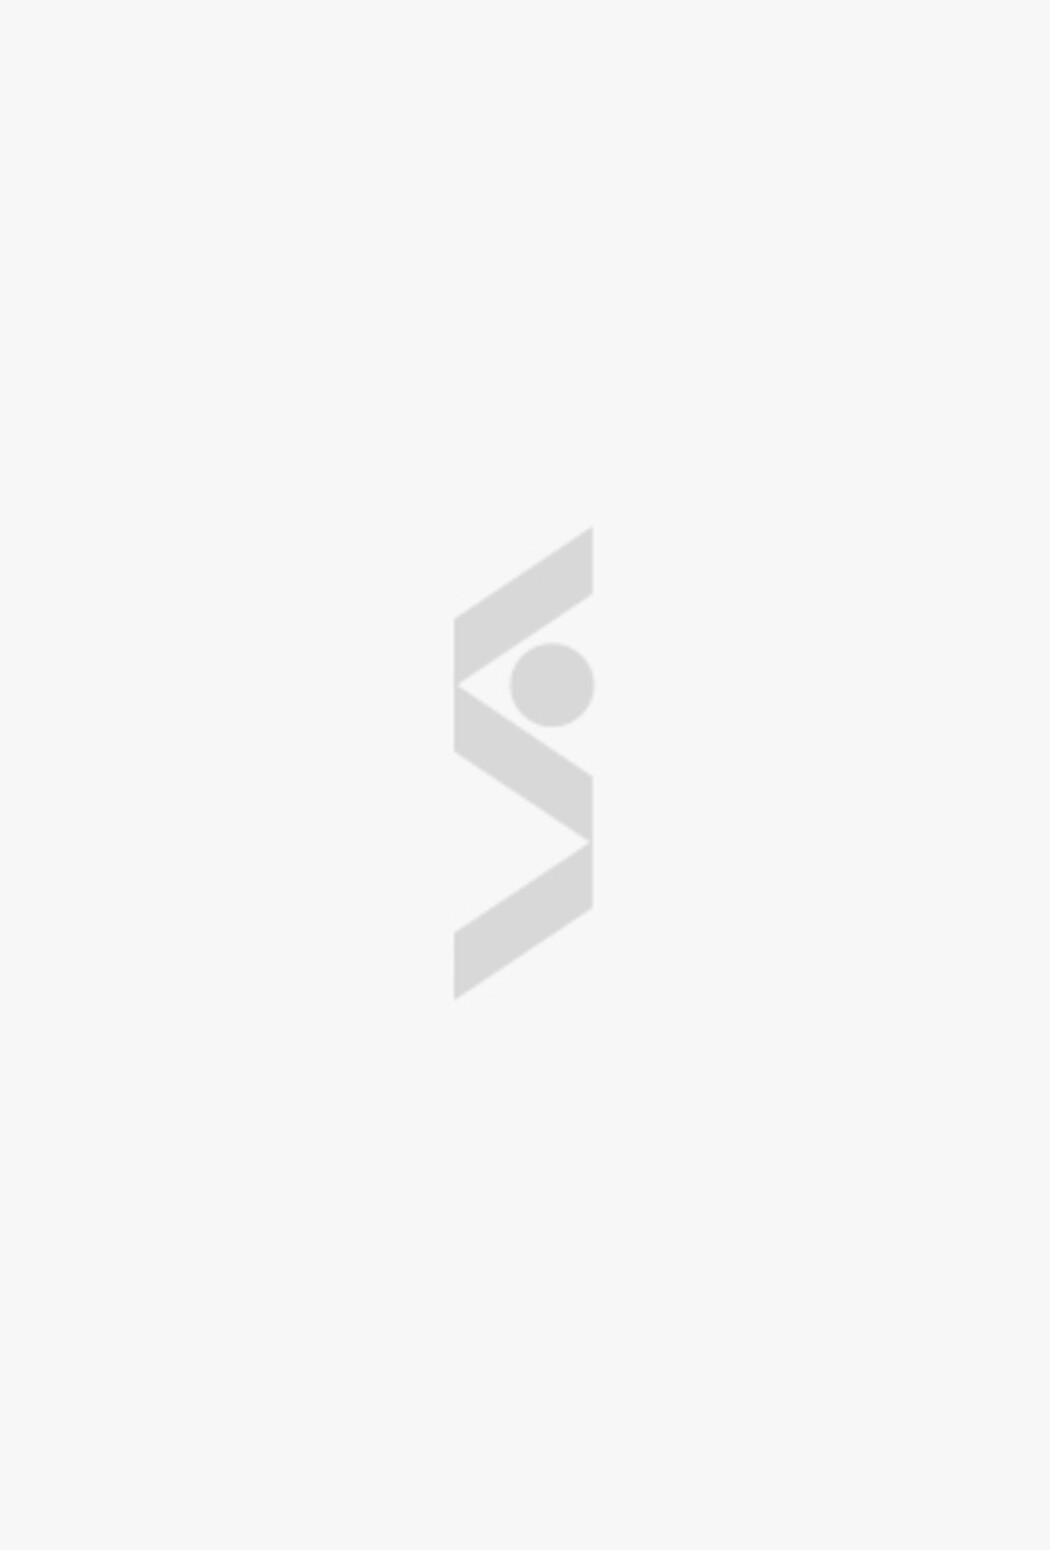 Рамекин №12 крем Emile Henry - цена 990 ₽ купить в интернет-магазине СТОКМАНН в Москве